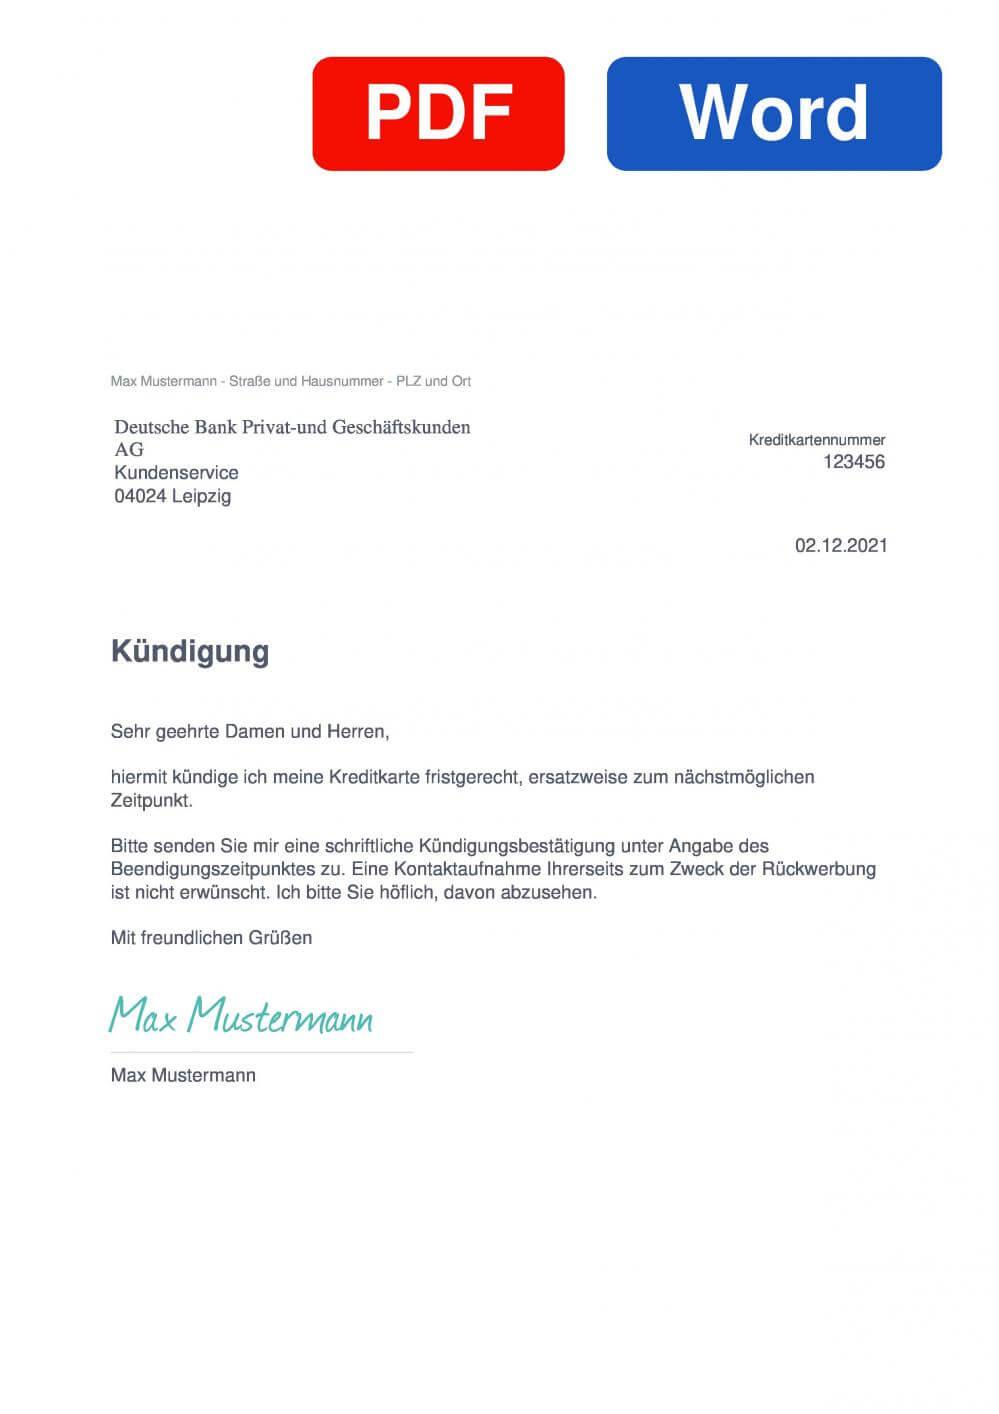 Deutsche Bank Visa Muster Vorlage für Kündigungsschreiben